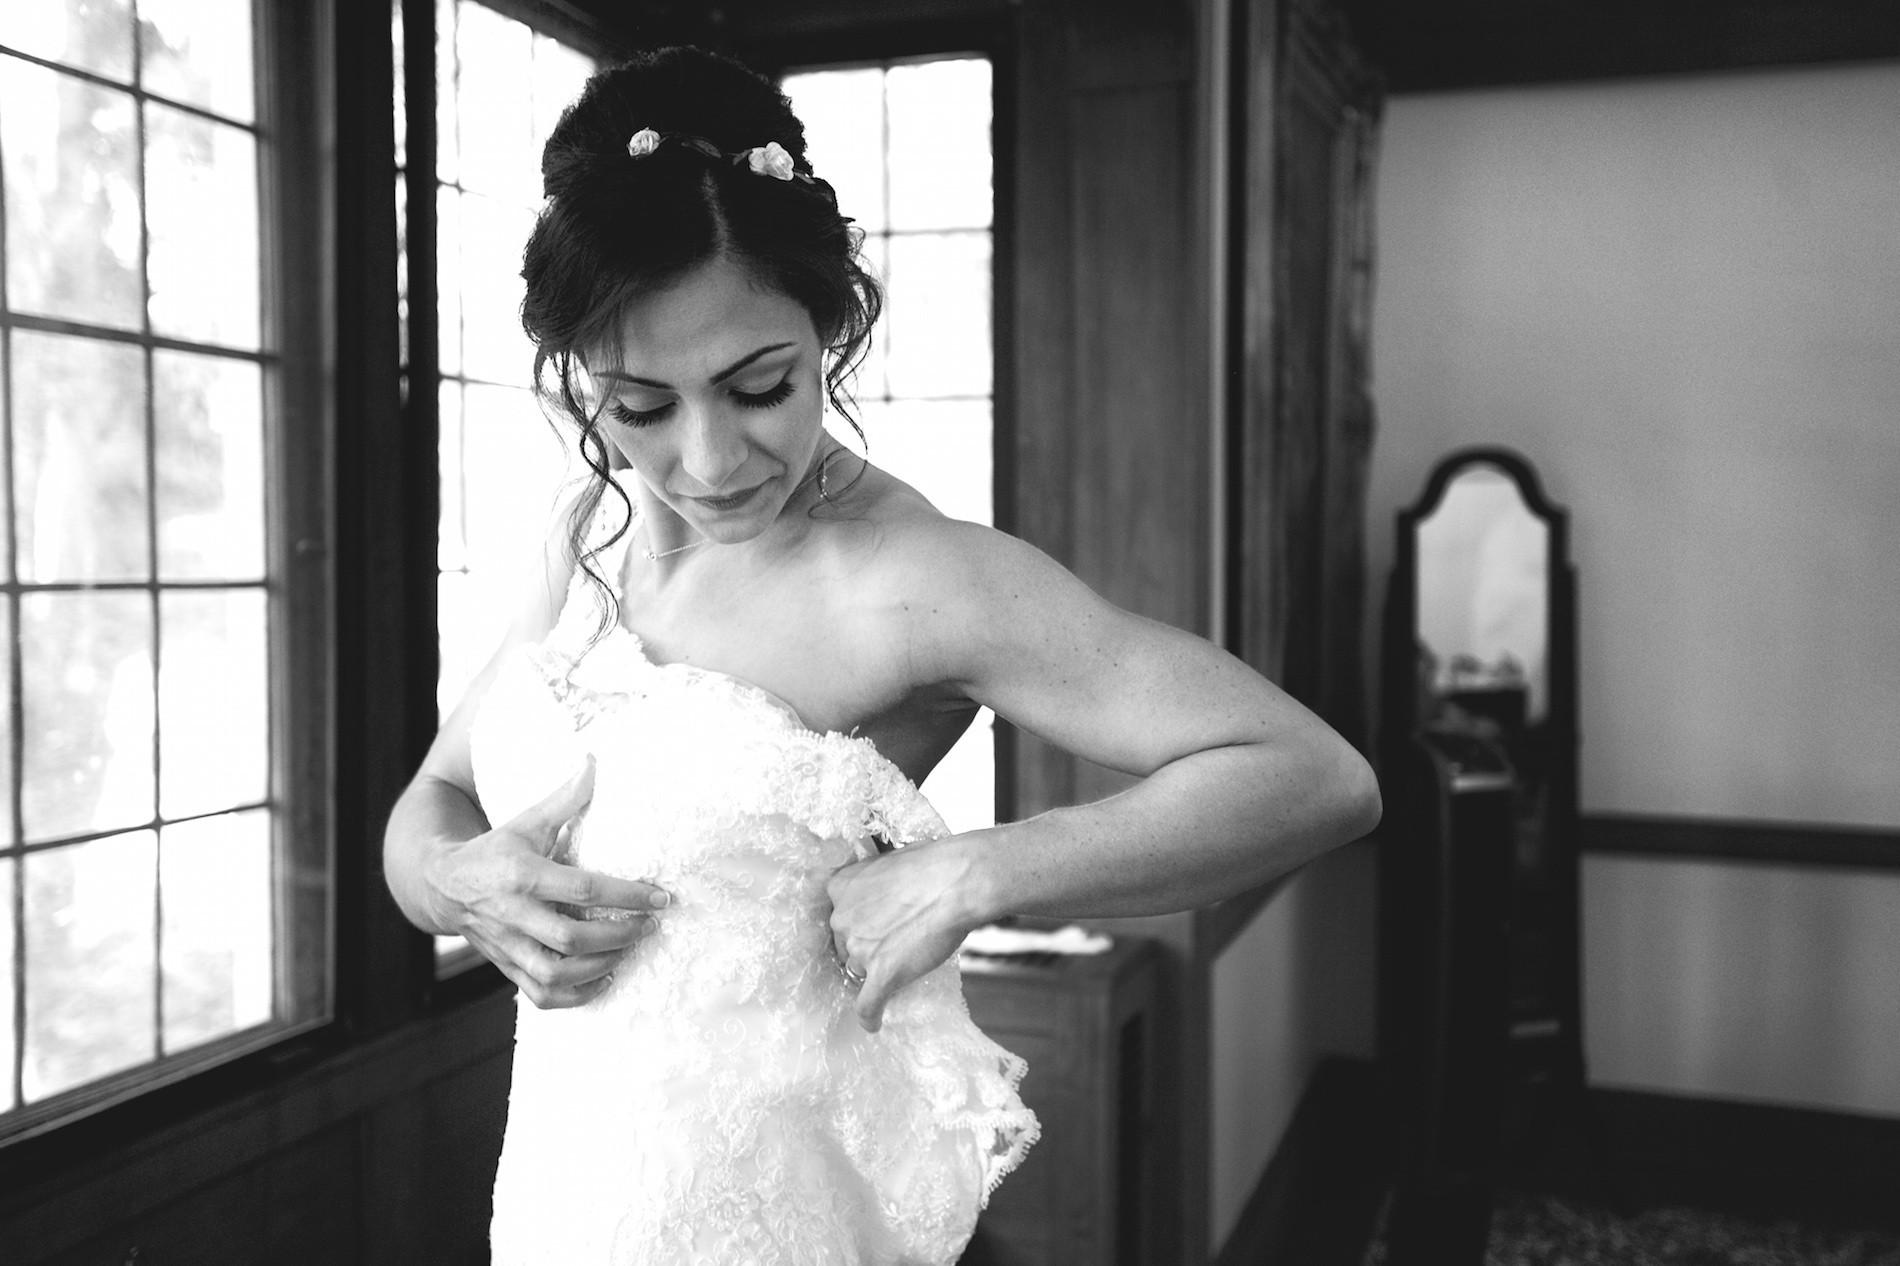 Sandrine Bonvoisin destination wedding photographer based in France, Brittany. New-York.